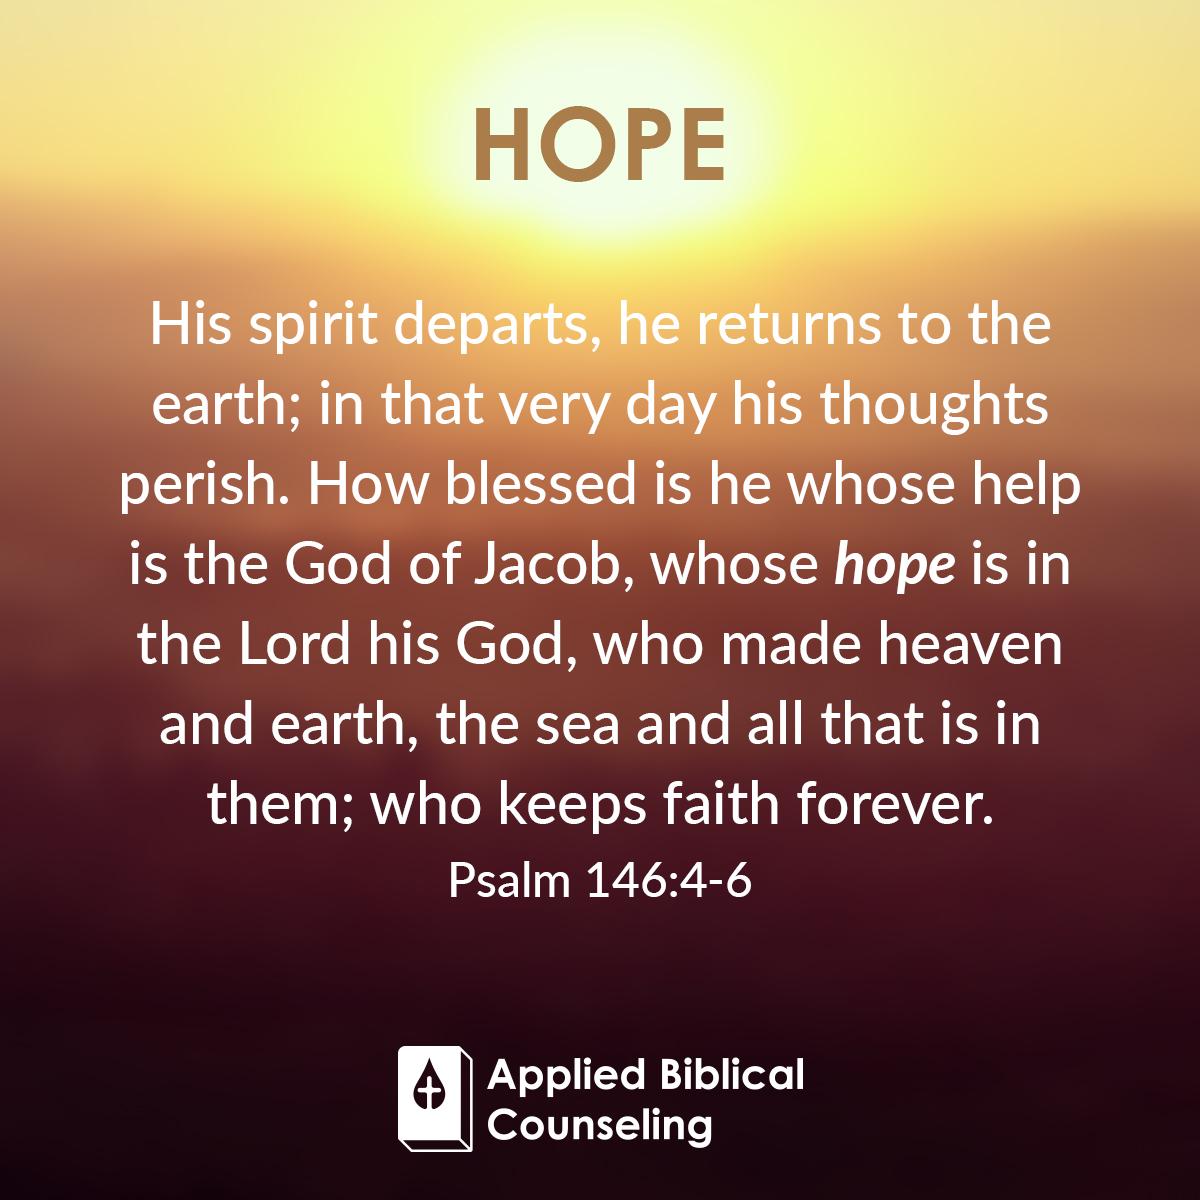 ABC_Facebook-w7-hope-5